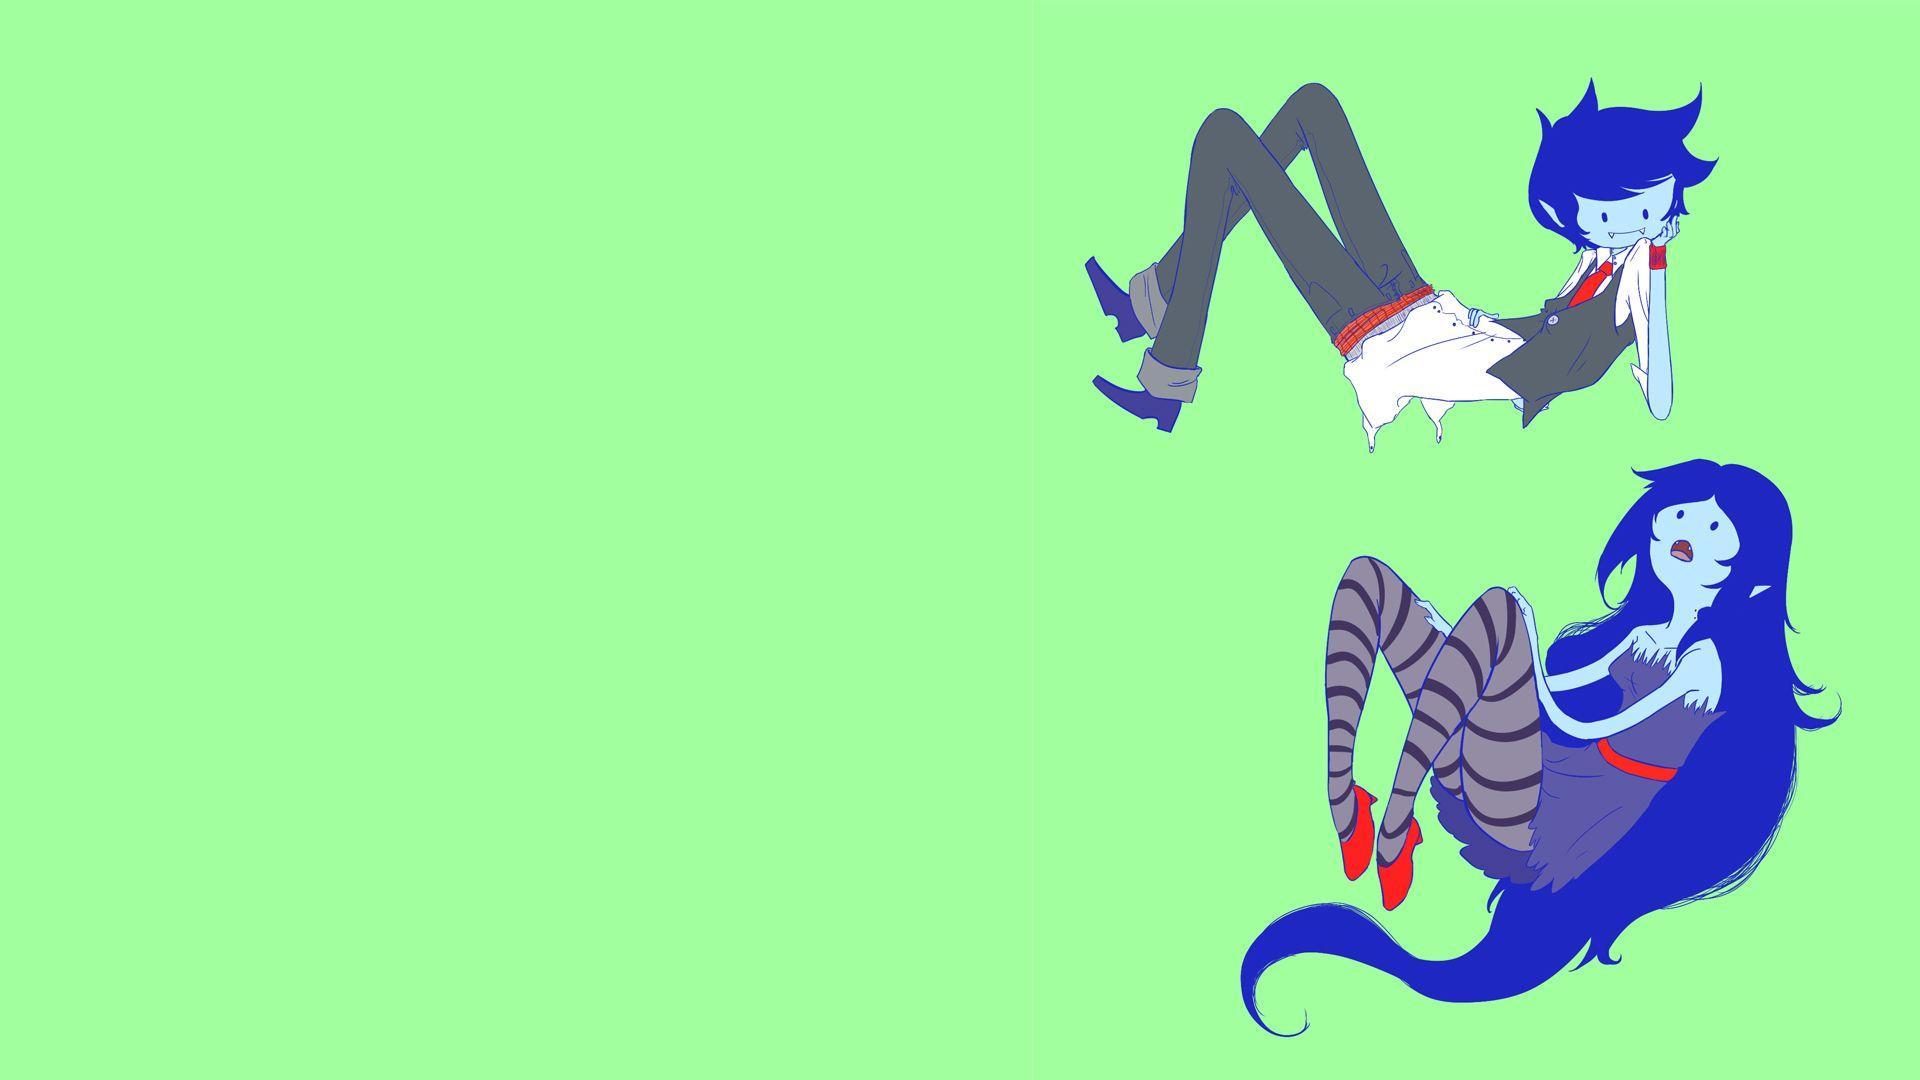 """1920x1080 Adventure Time Computer Wallpaper - Wallpaper, High Definition, High ..."""">"""